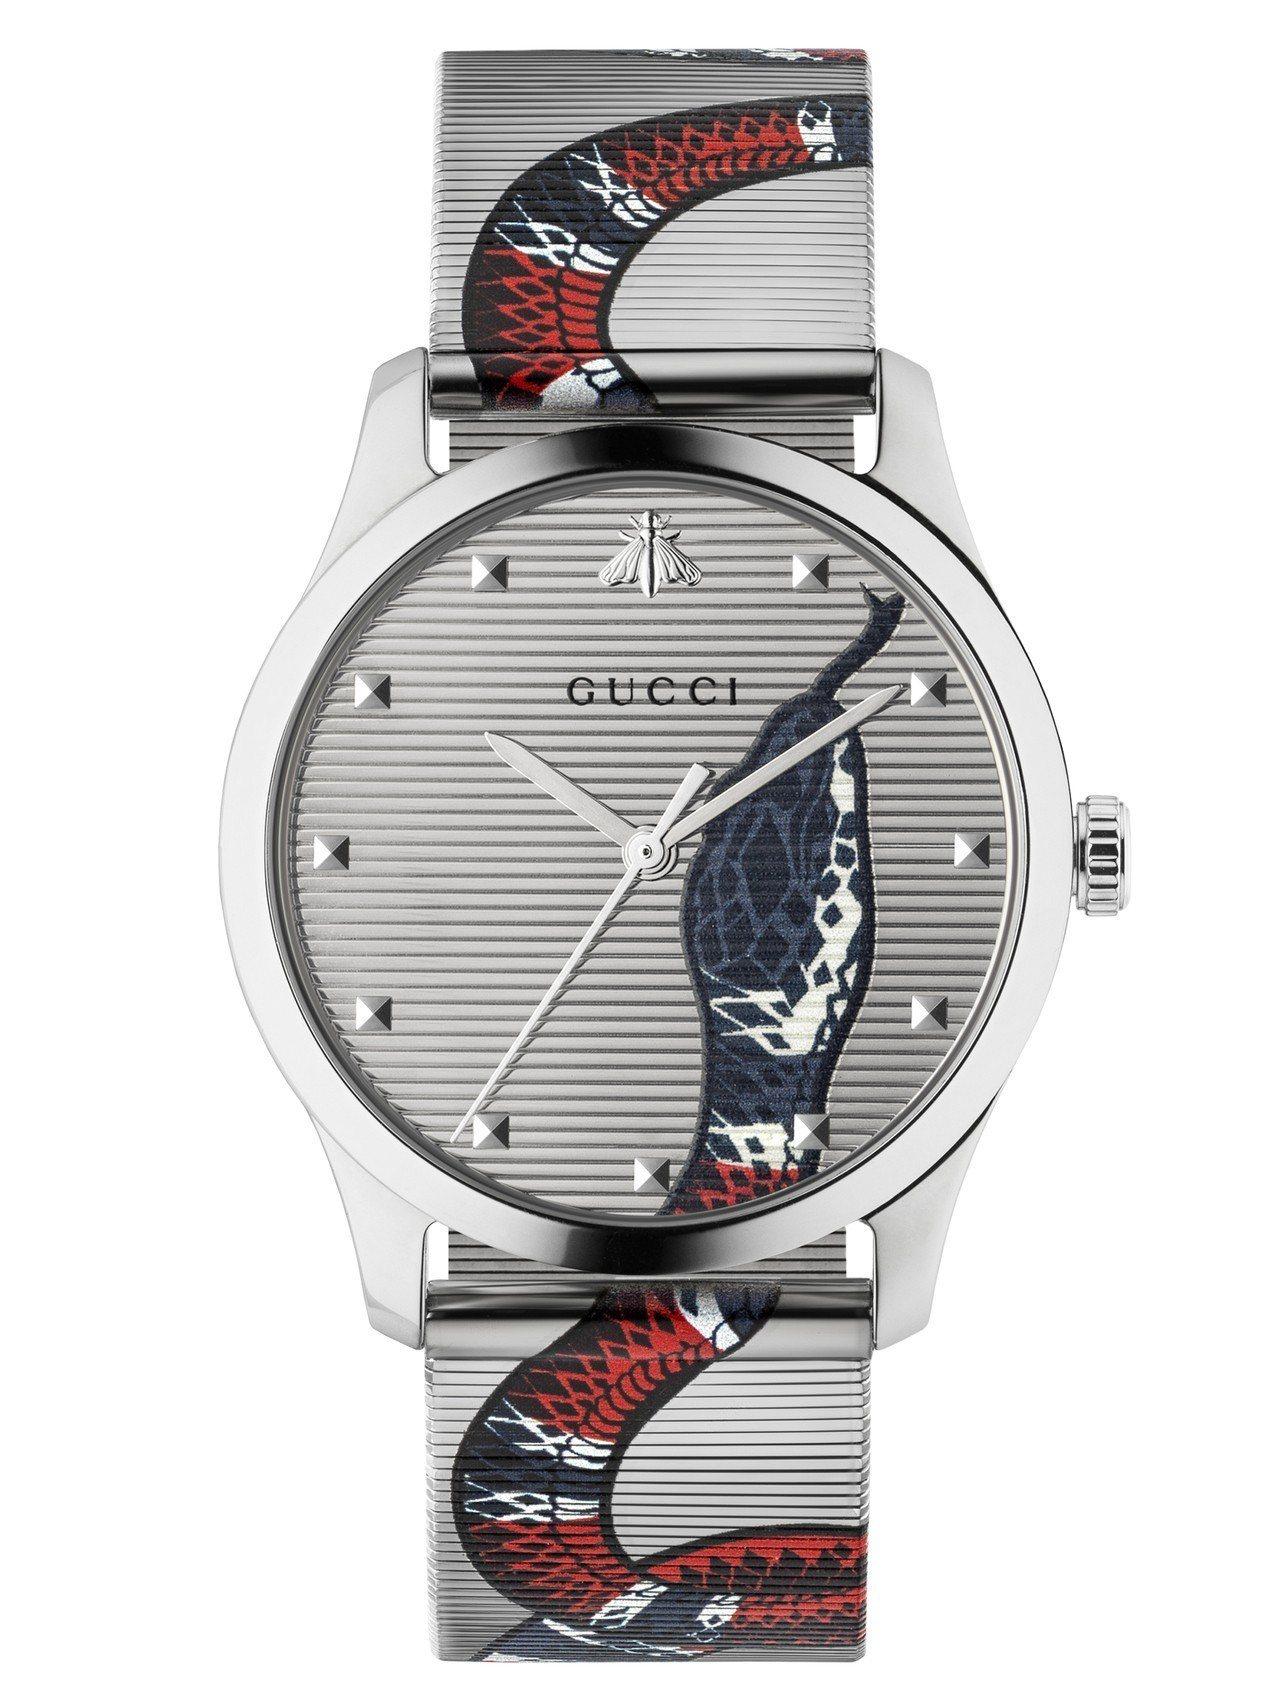 G-Timeless 38毫米自動上鍊腕表,不鏽鋼表殼、不鏽鋼織網表面彩繪蛇首、...